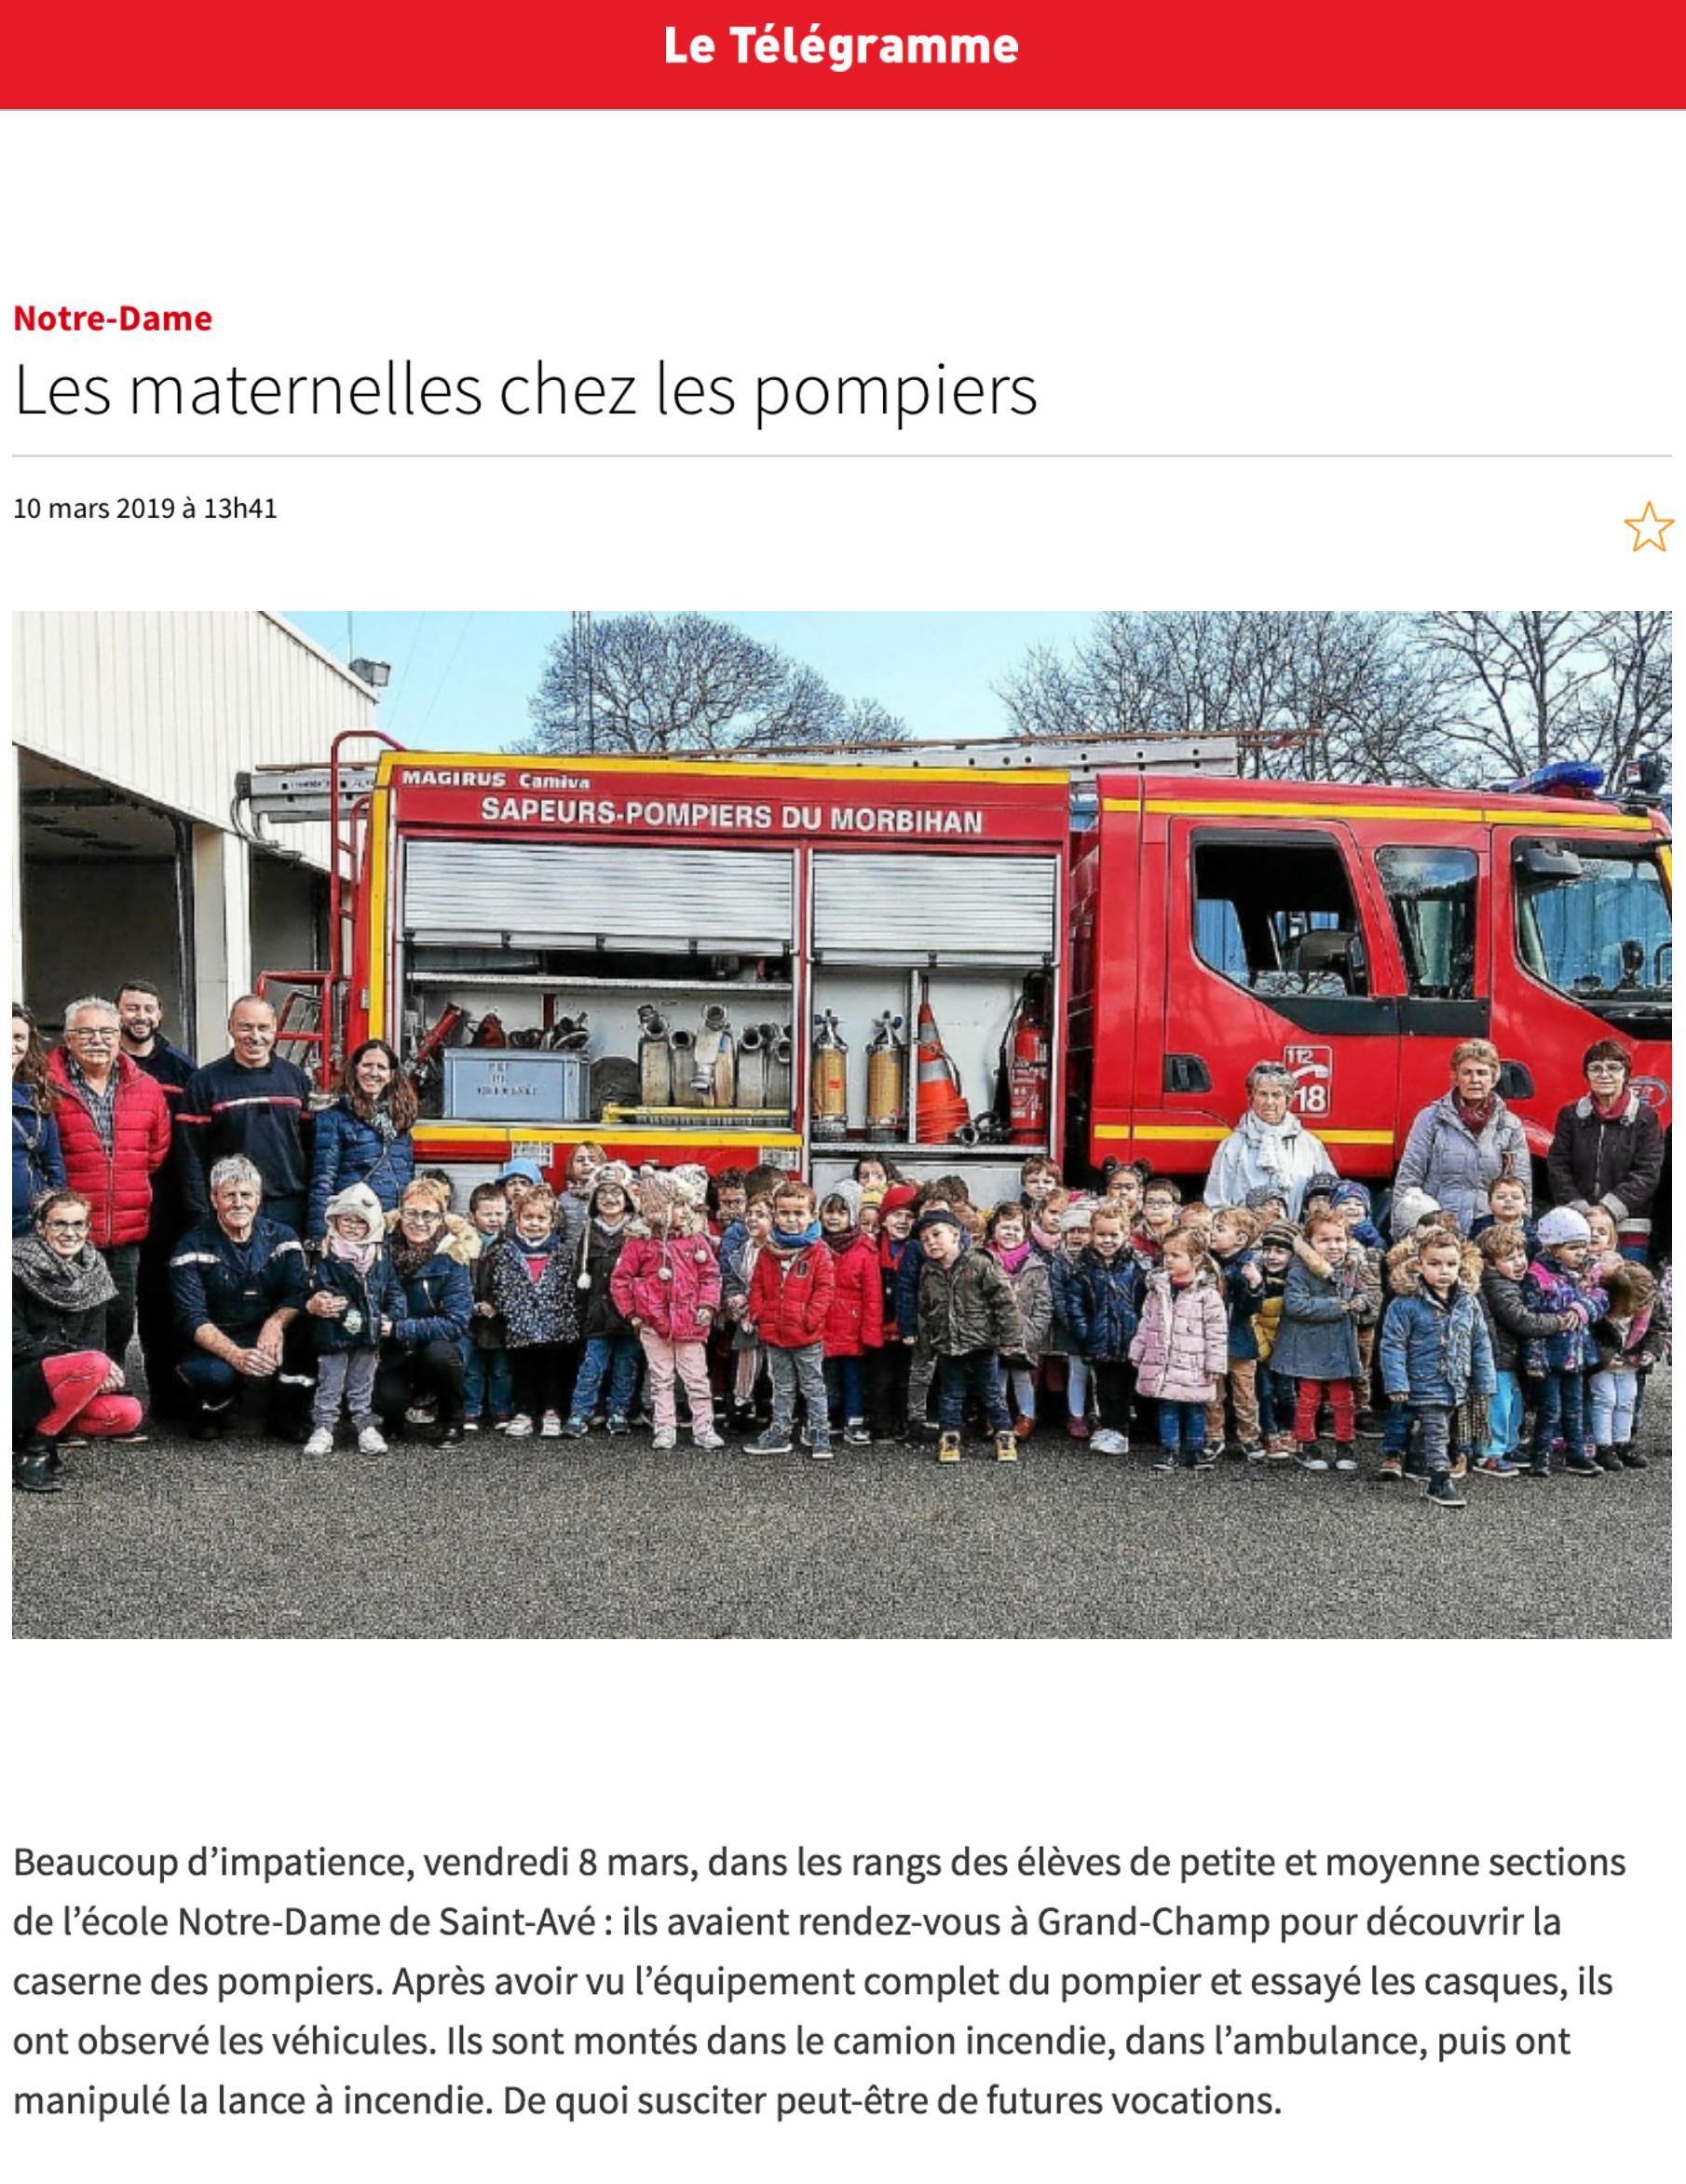 Les maternelles chez les pompiers